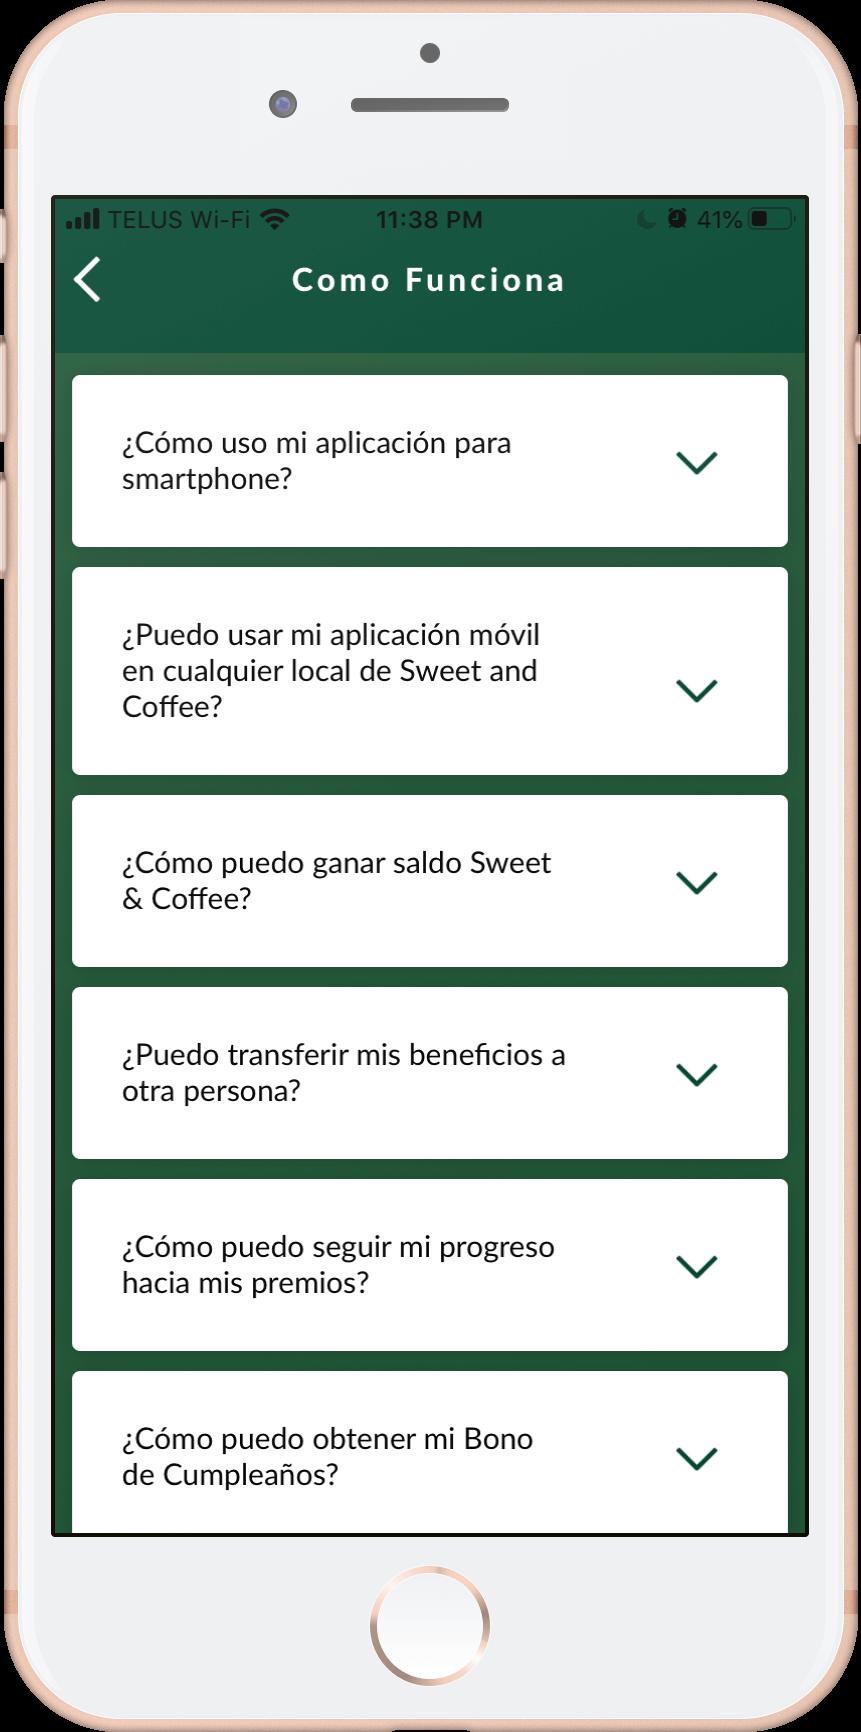 app-4-2-sp